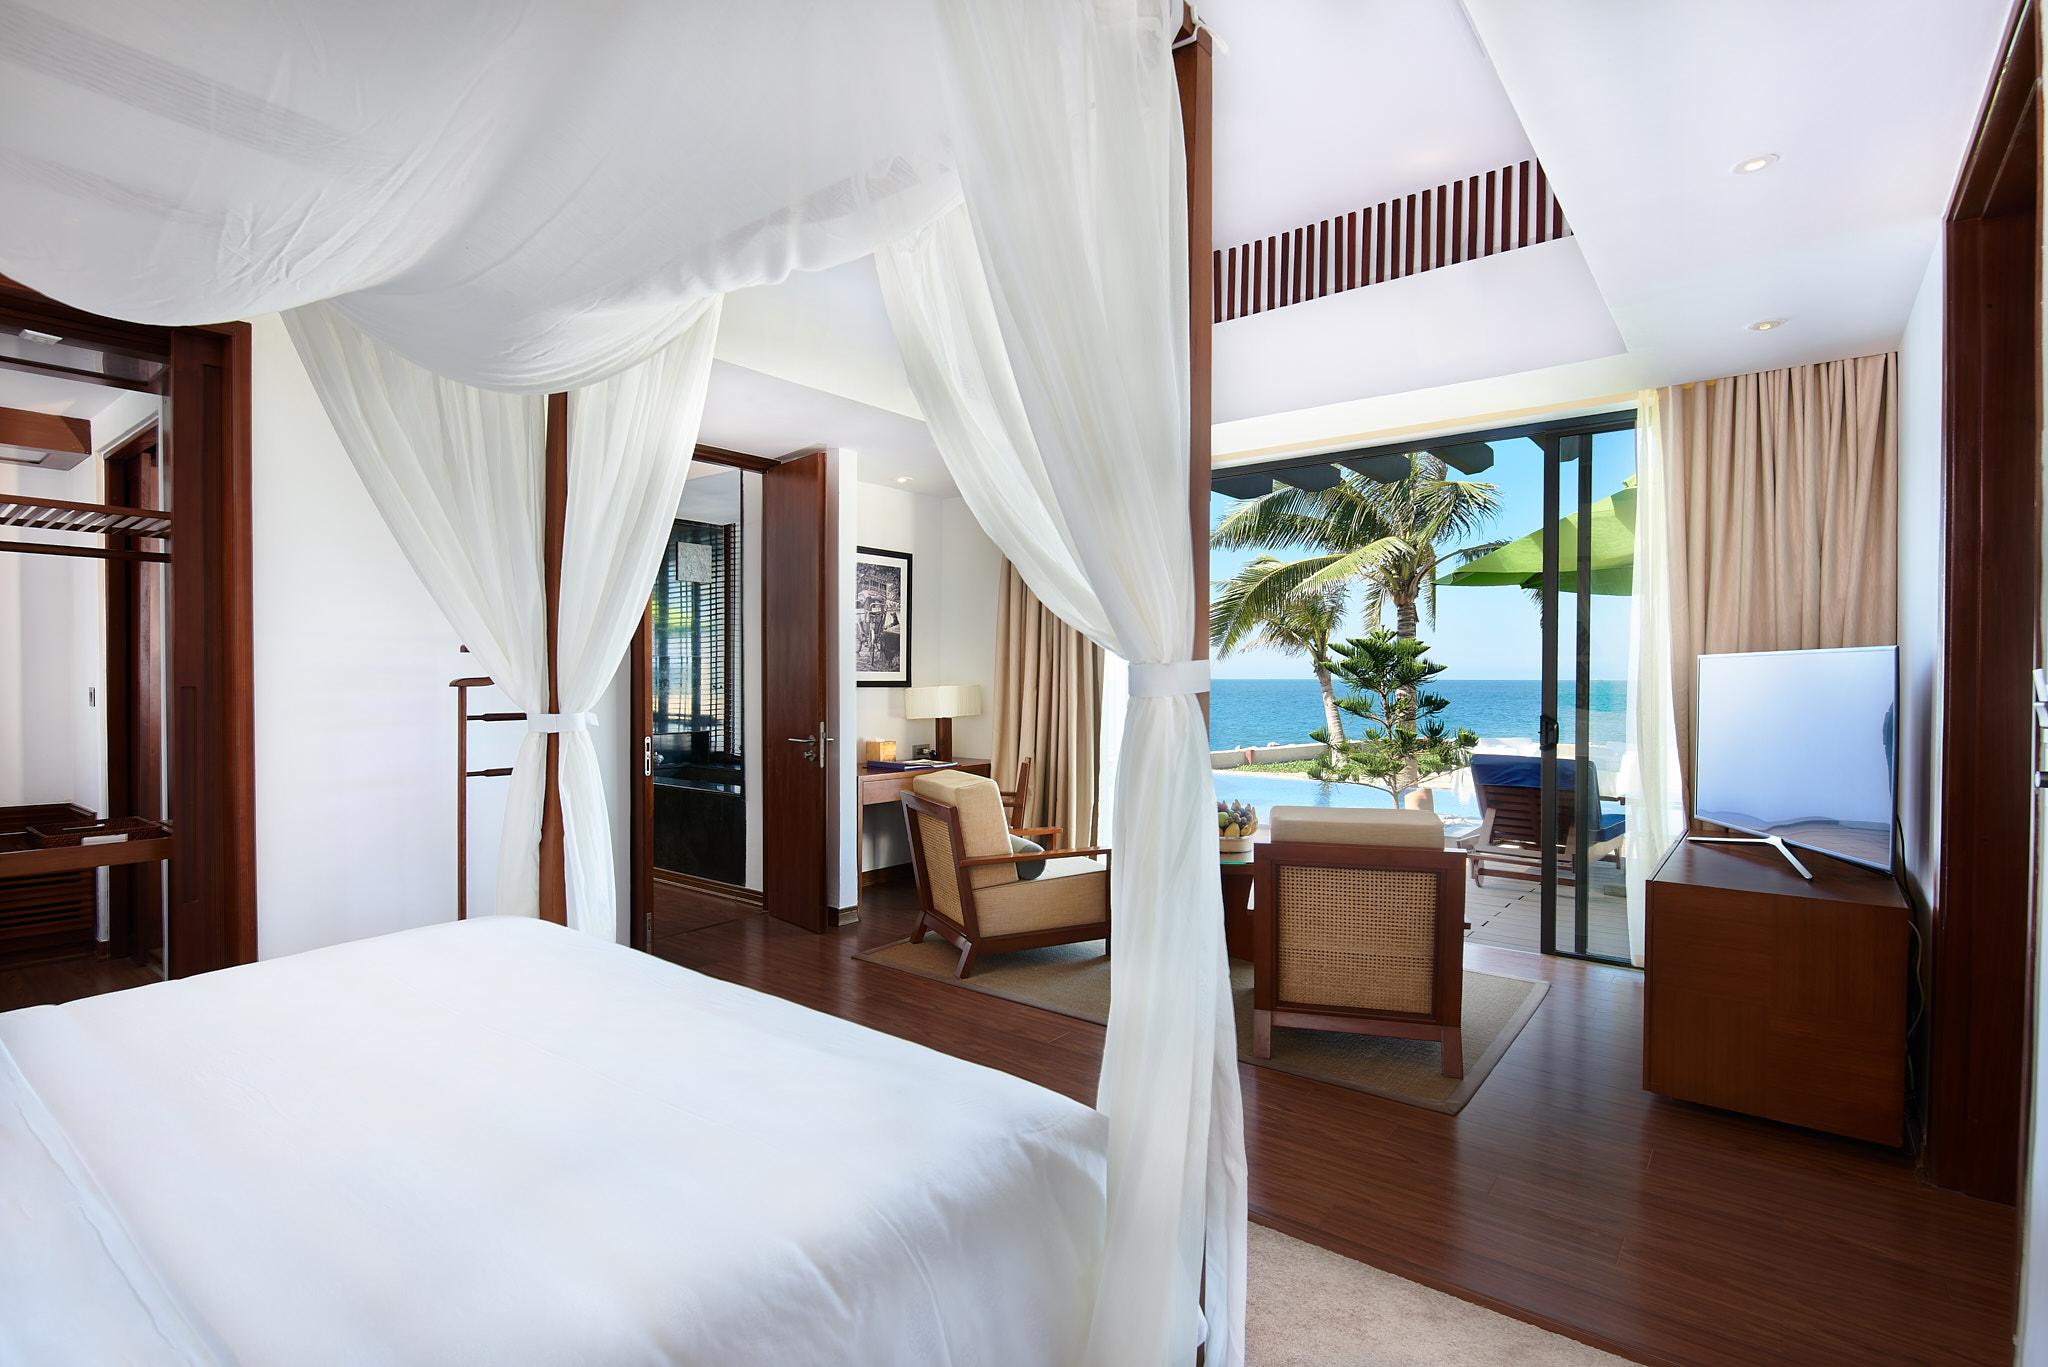 0131_Sunrise Hoi An_Pool Villa 1 bedroom.jpg